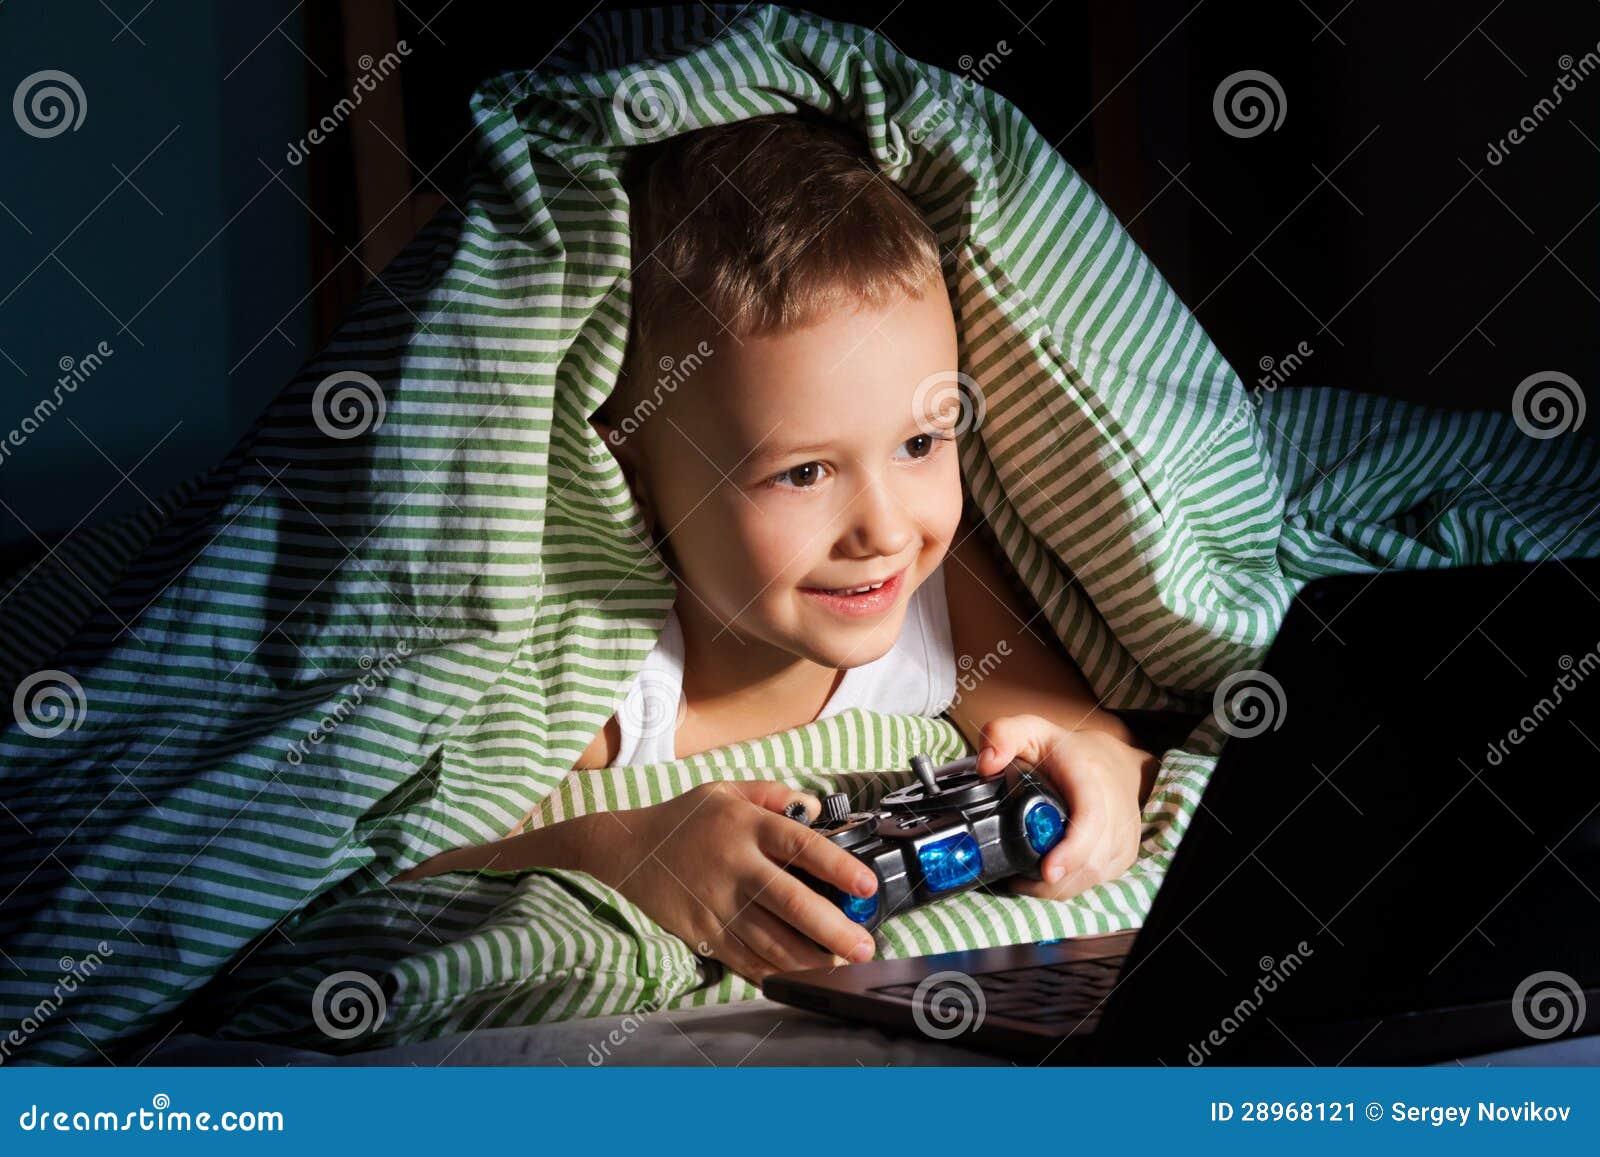 Gry komputerowe przy nocą